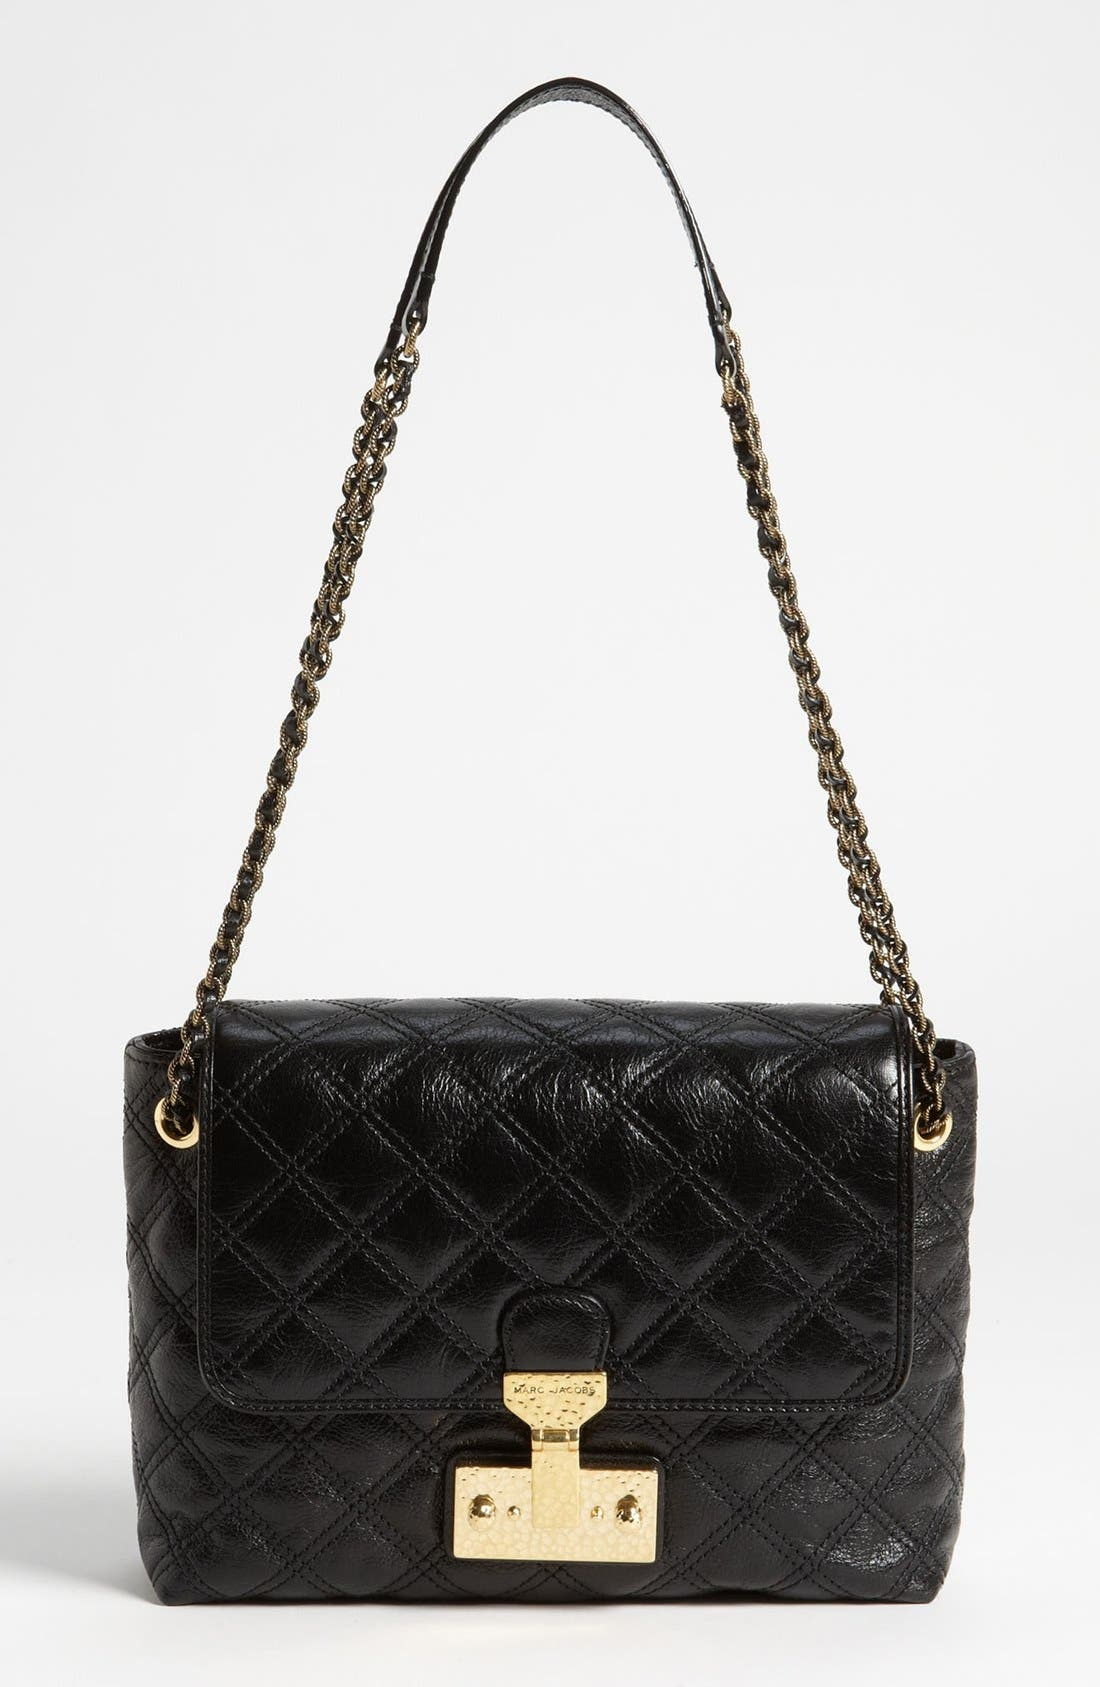 Alternate Image 1 Selected - MARC JACOBS 'Large Baroque Single' Leather Shoulder Bag